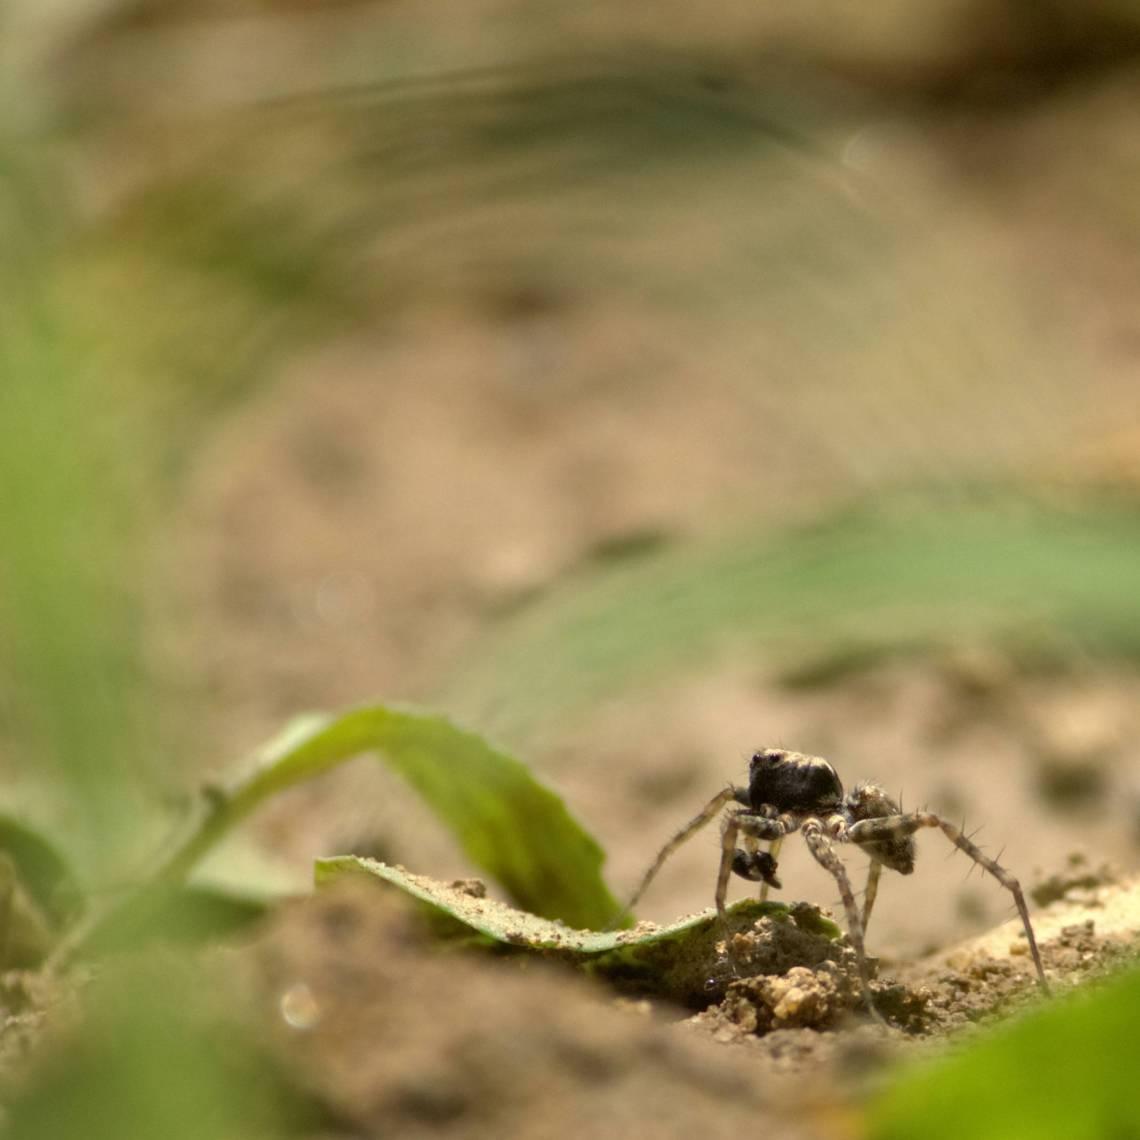 spiderlq